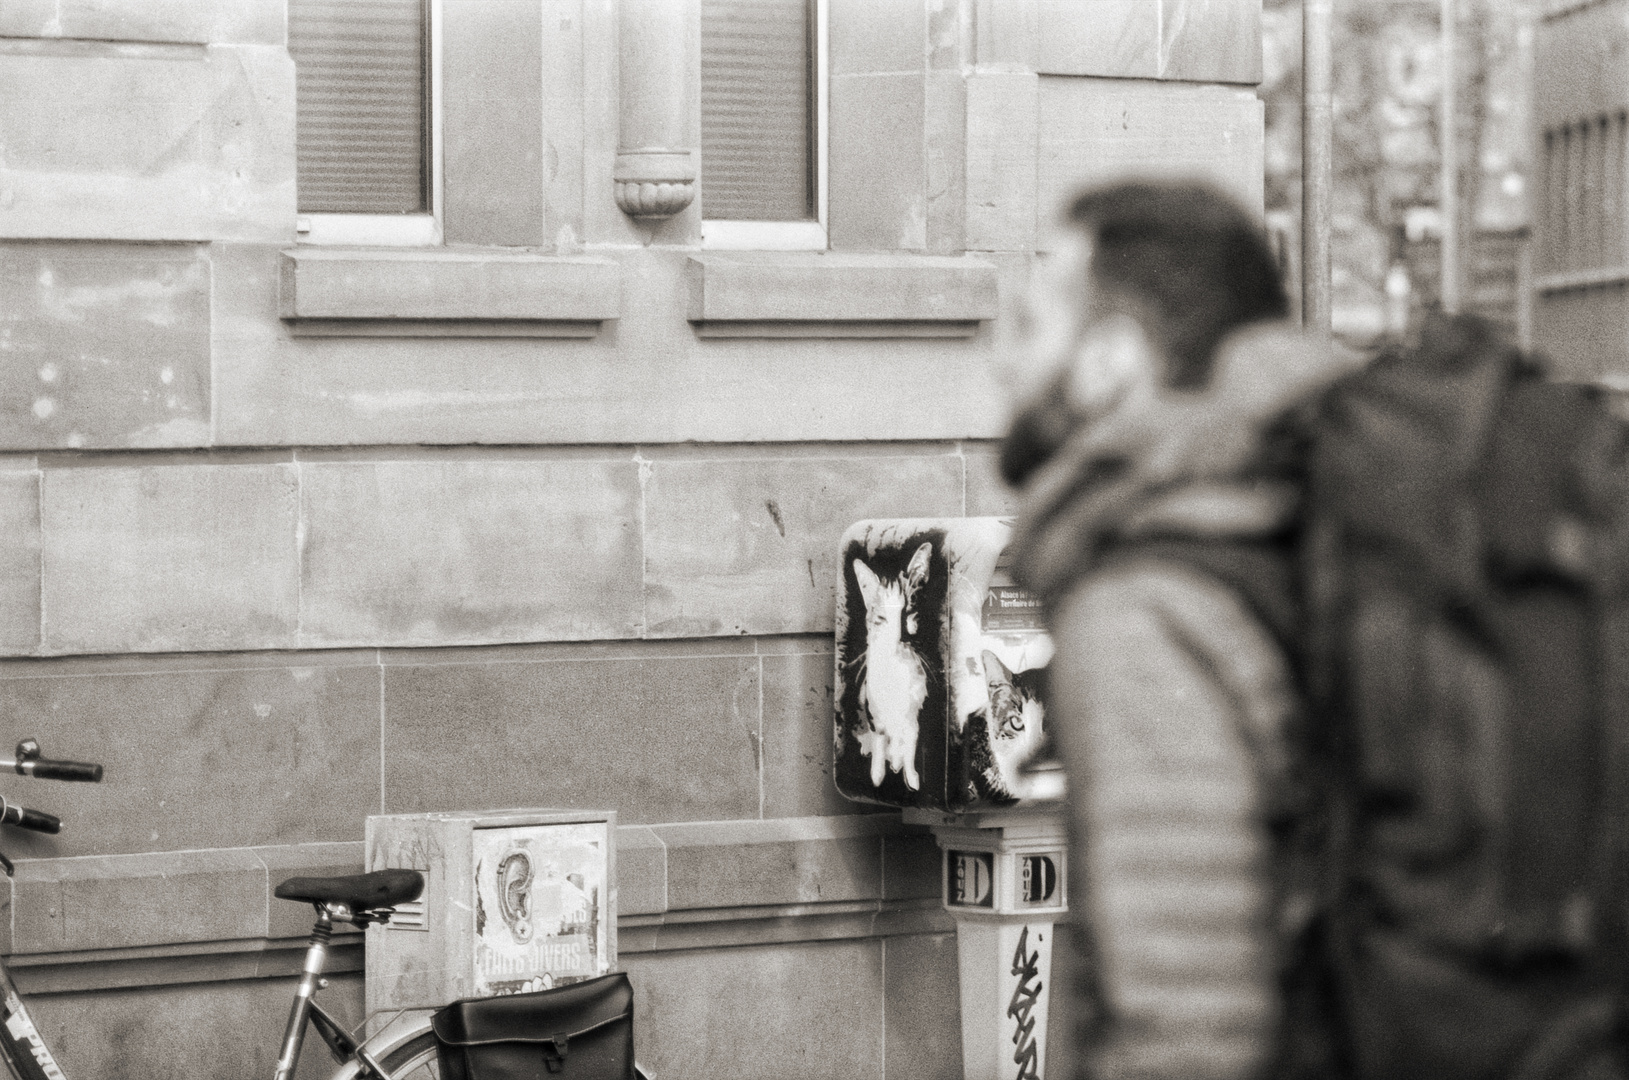 Mietzekatzenkasten mit Rucksack und Fahrrad